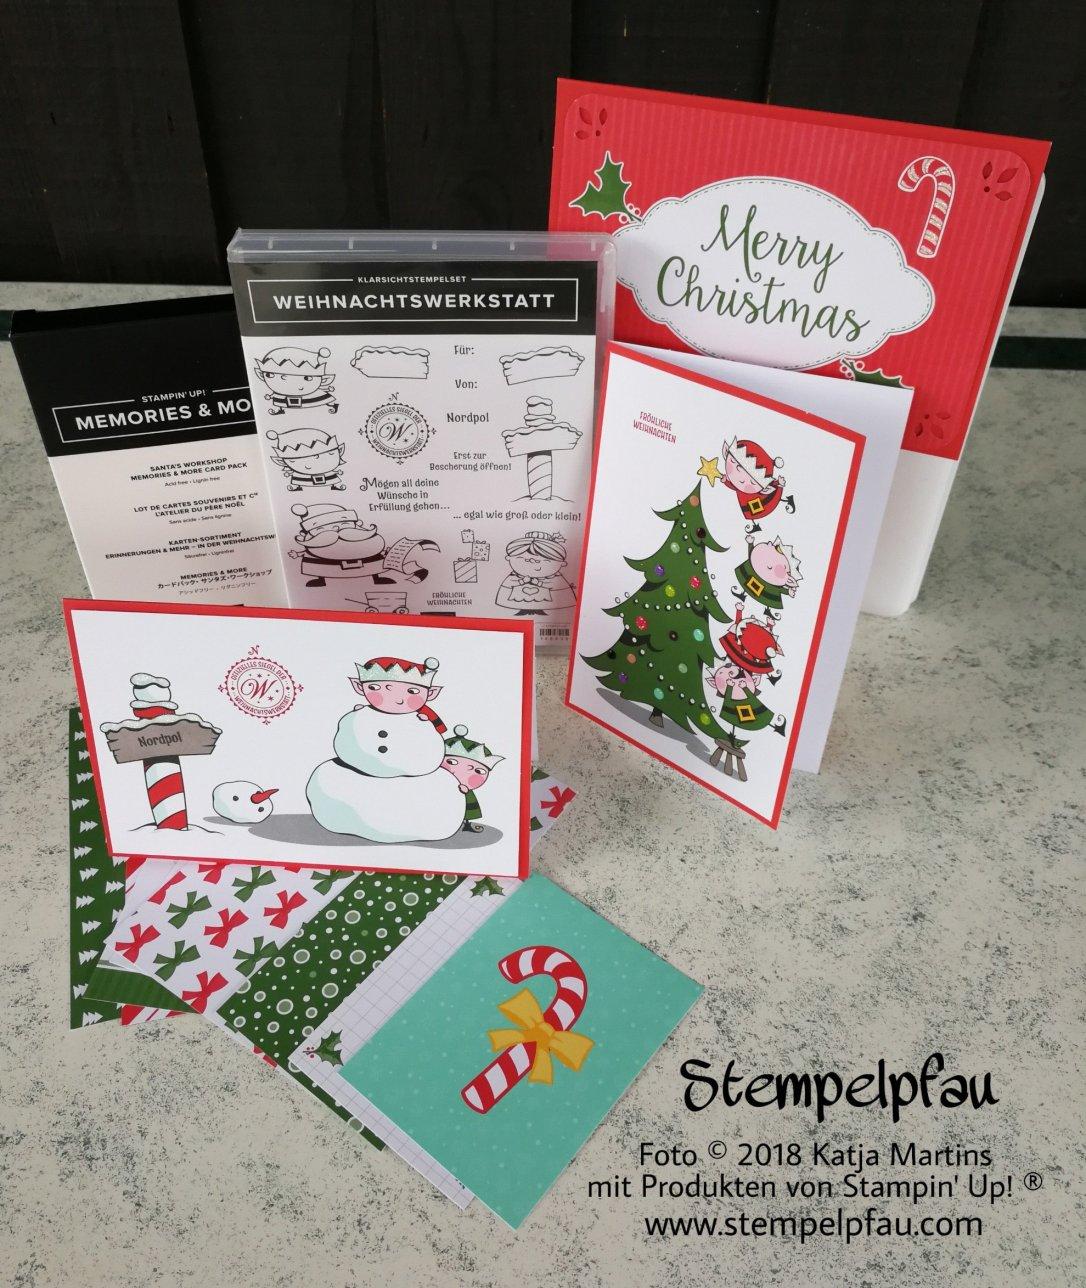 Memories anderen More Stampin' Up! Weihnachten